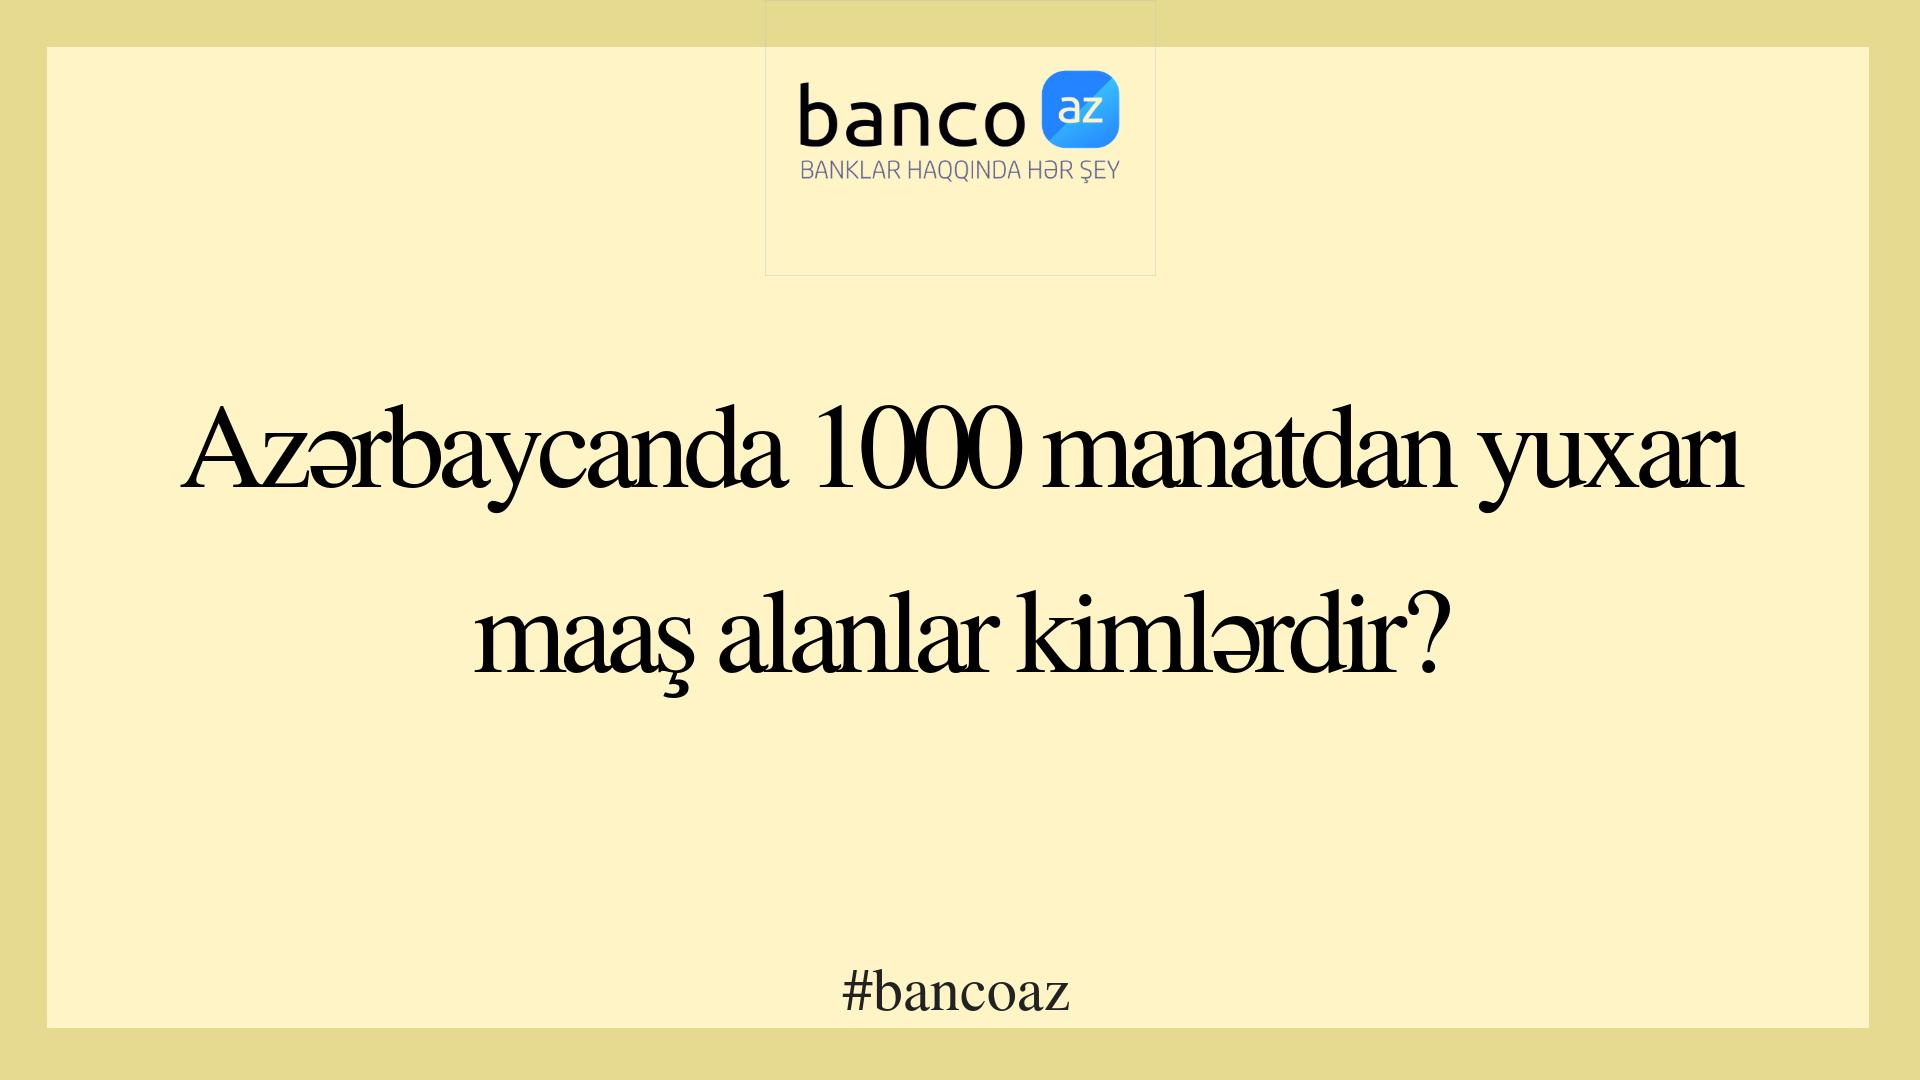 Azərbaycanda 1000 manatdan yuxarı maaş alan şəxslər